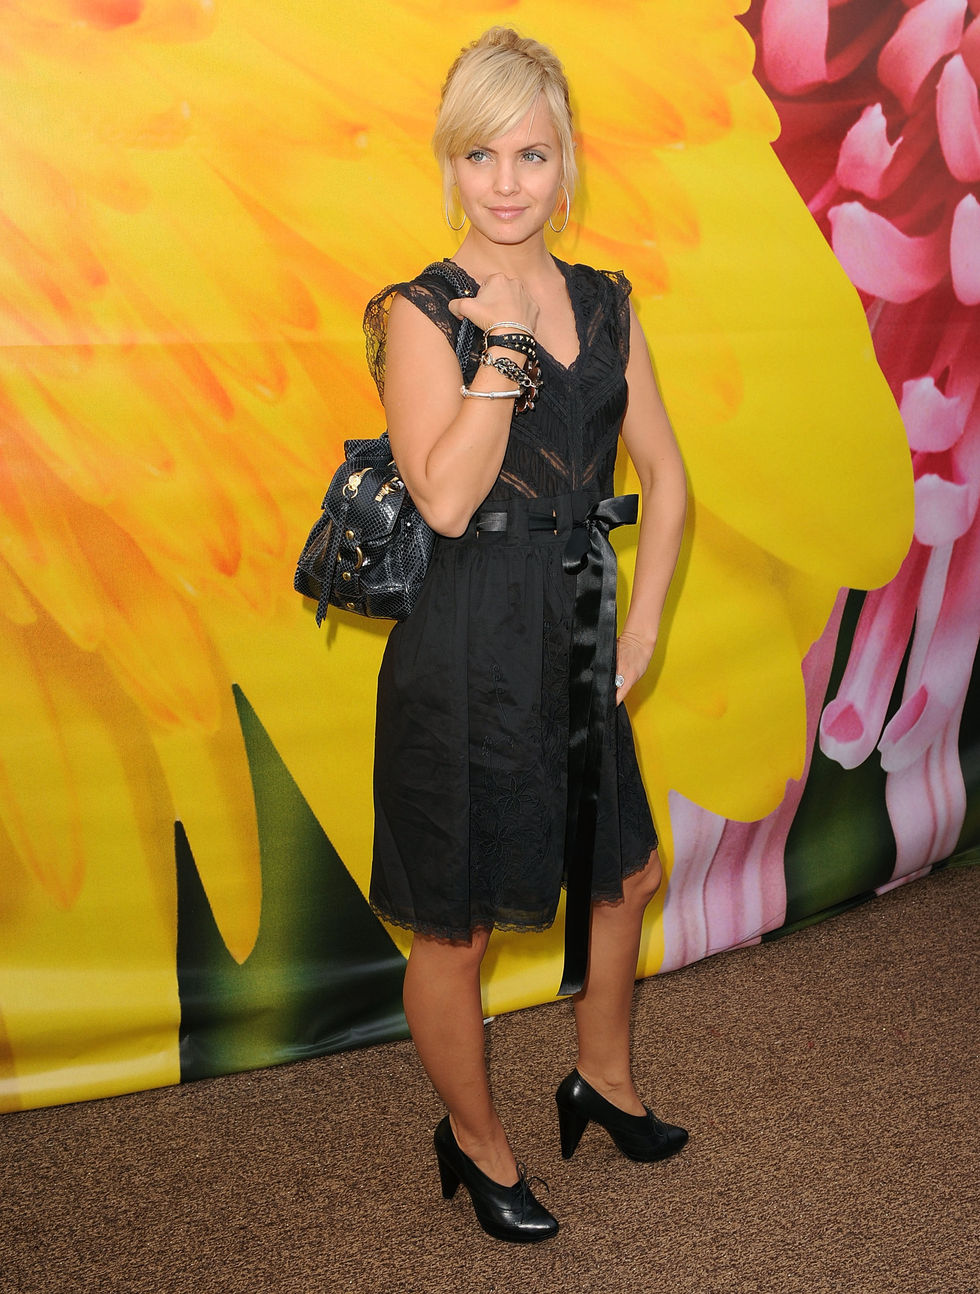 mena-suvari-damore-by-marceau-spring-2009-fashion-show-01